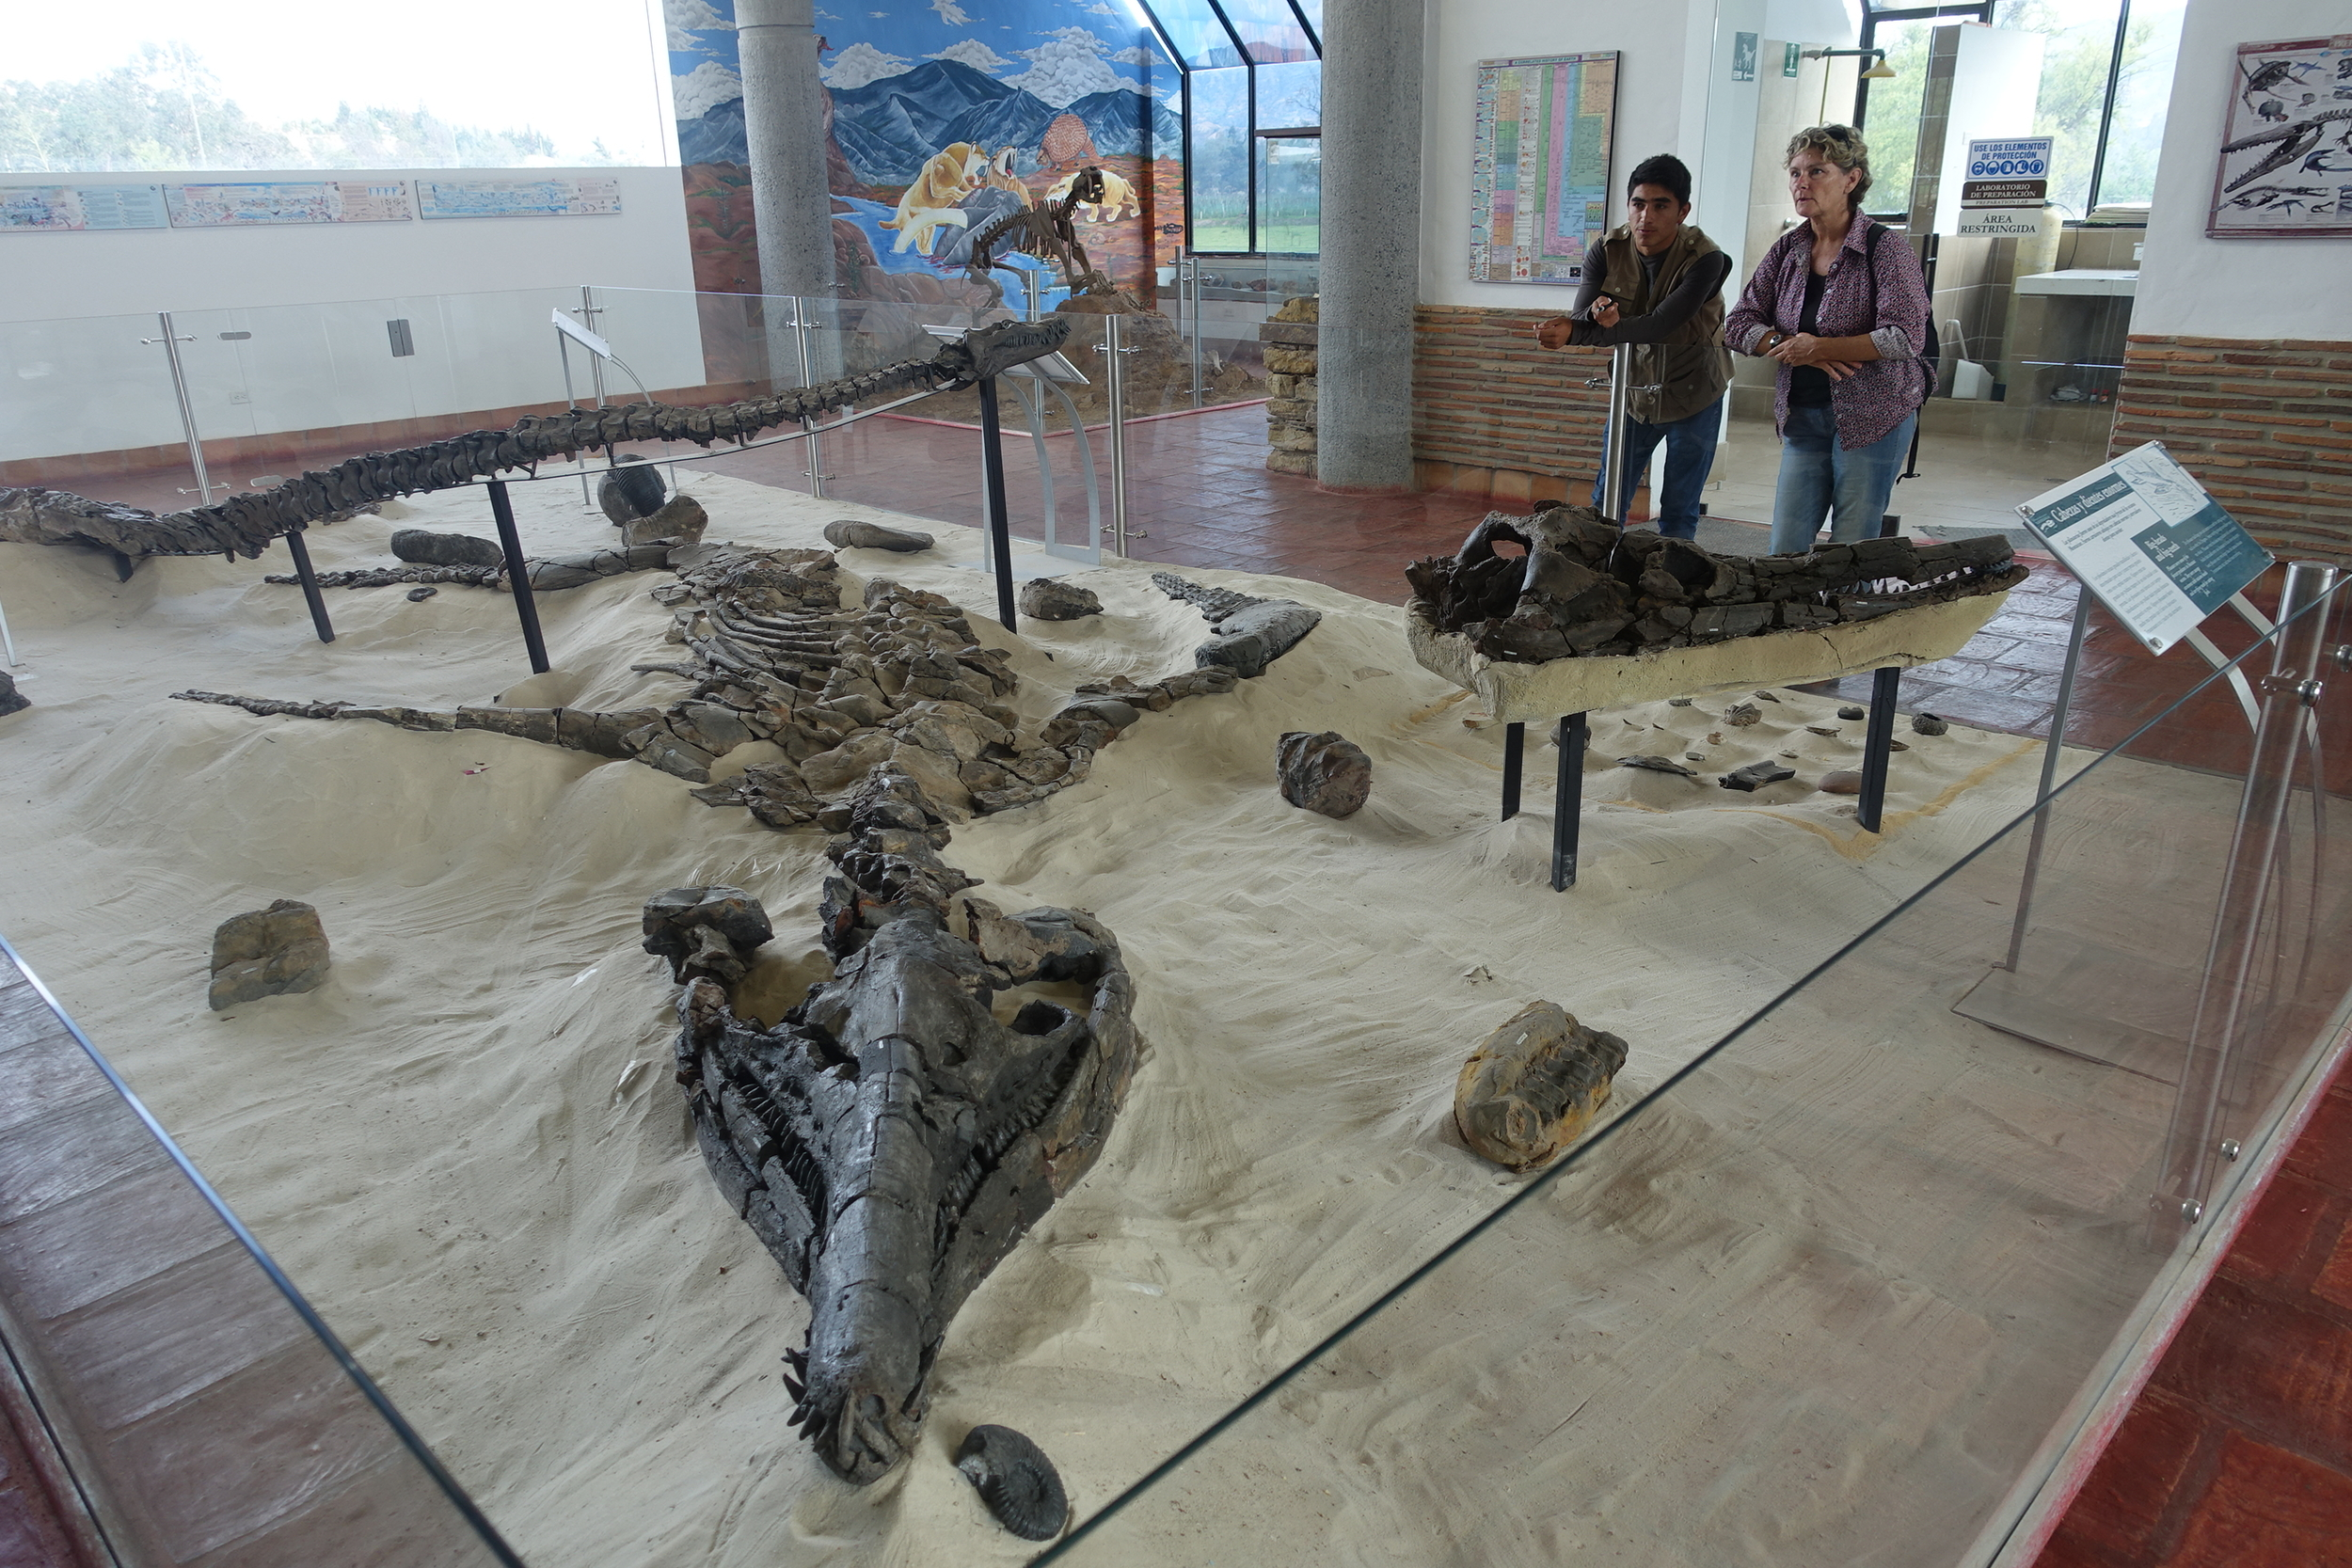 Displays of fossils found in the region around villa de leyva